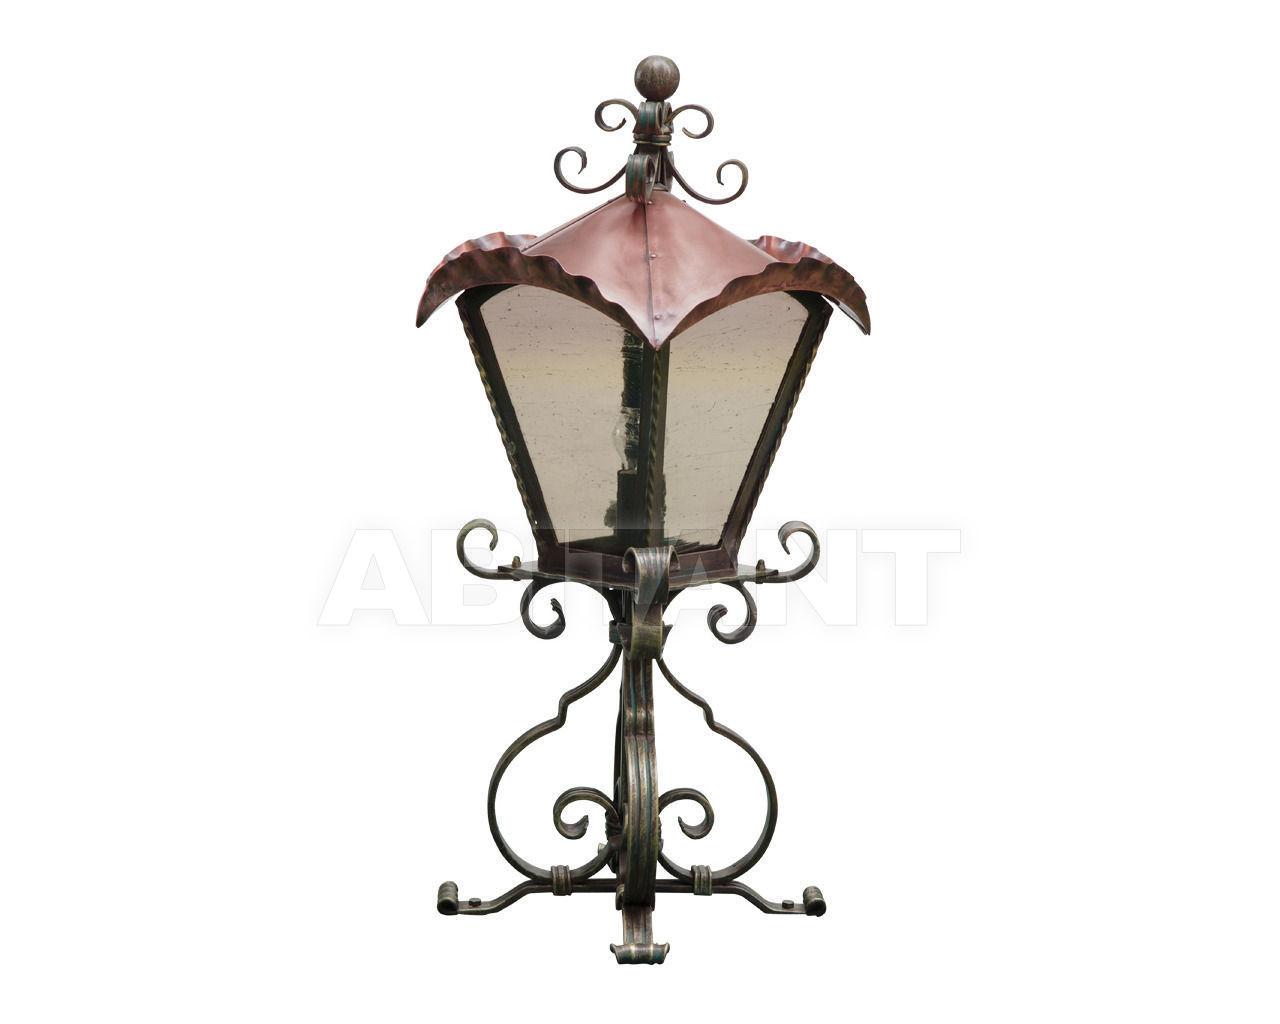 Купить Садовый светильник FMB Leuchten Schmiedeeisen Lampen Und Leuchten 90415